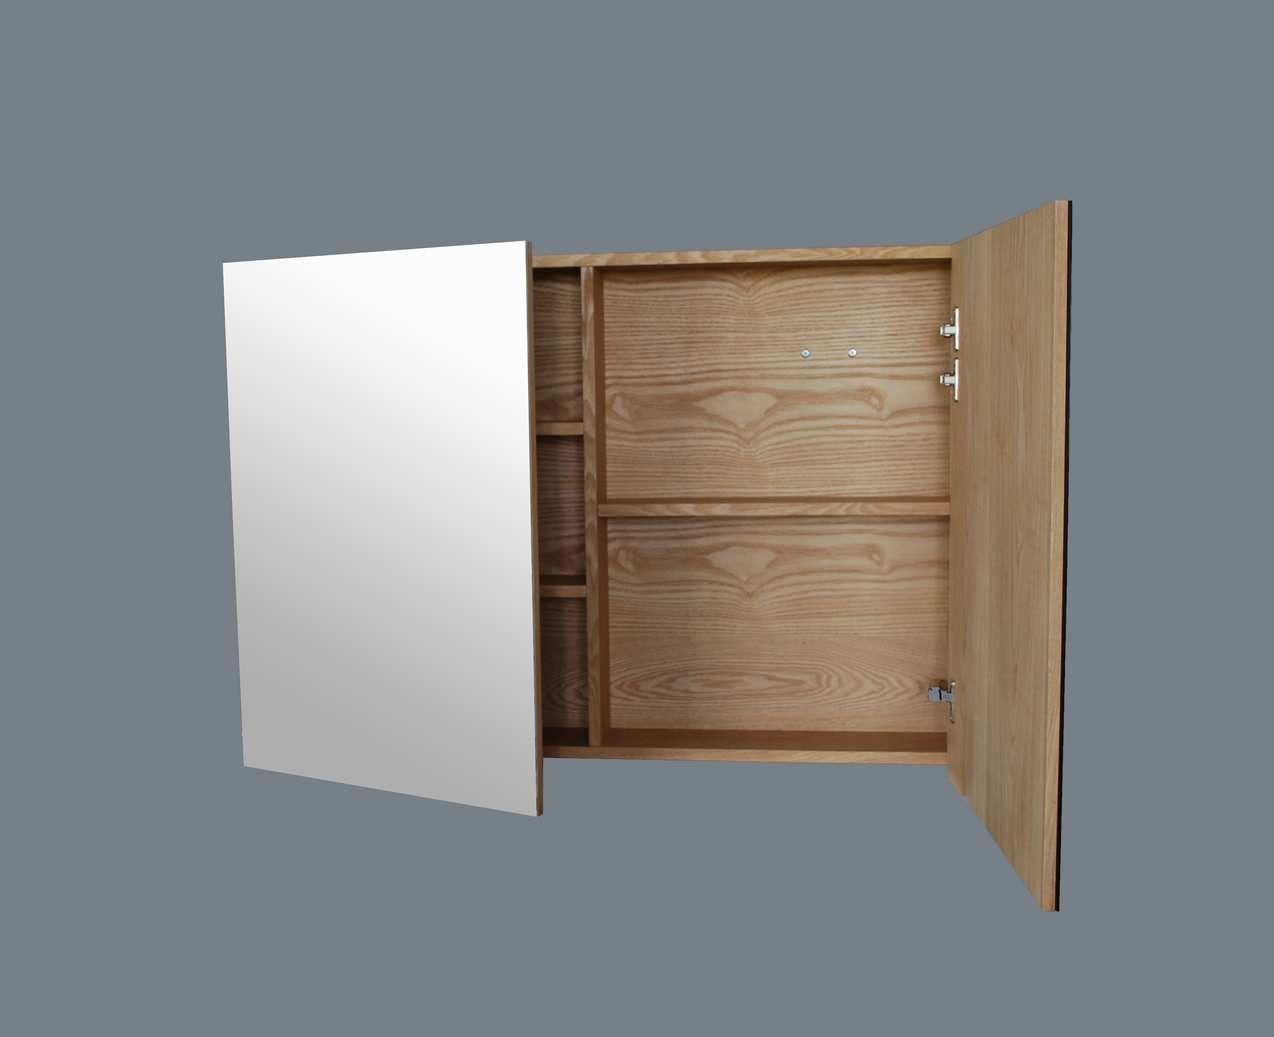 Spiegelkast wood 100 cm 34100 for Spiegelkast 80 cm